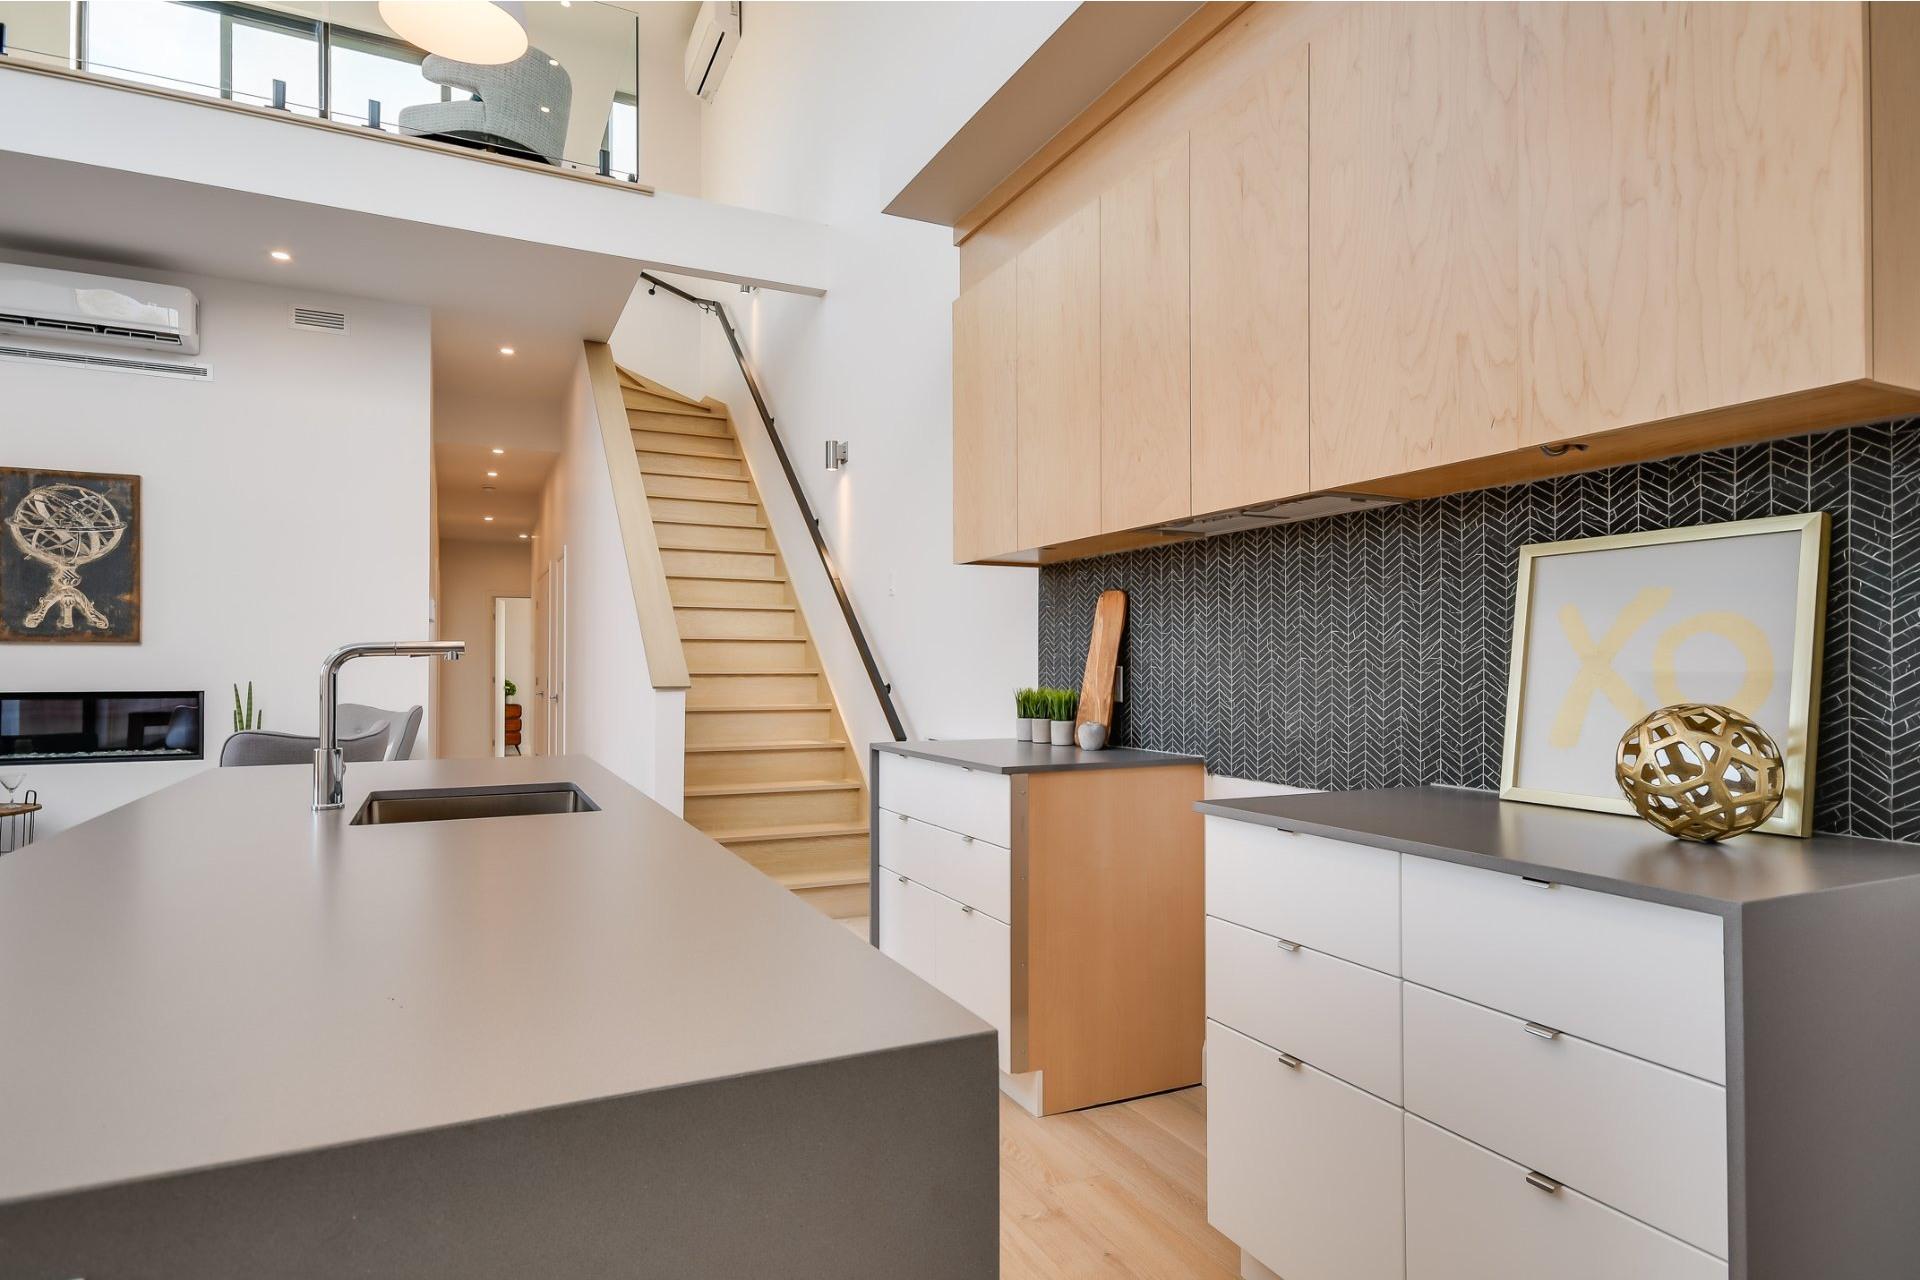 image 12 - Apartment For sale Villeray/Saint-Michel/Parc-Extension Montréal  - 7 rooms